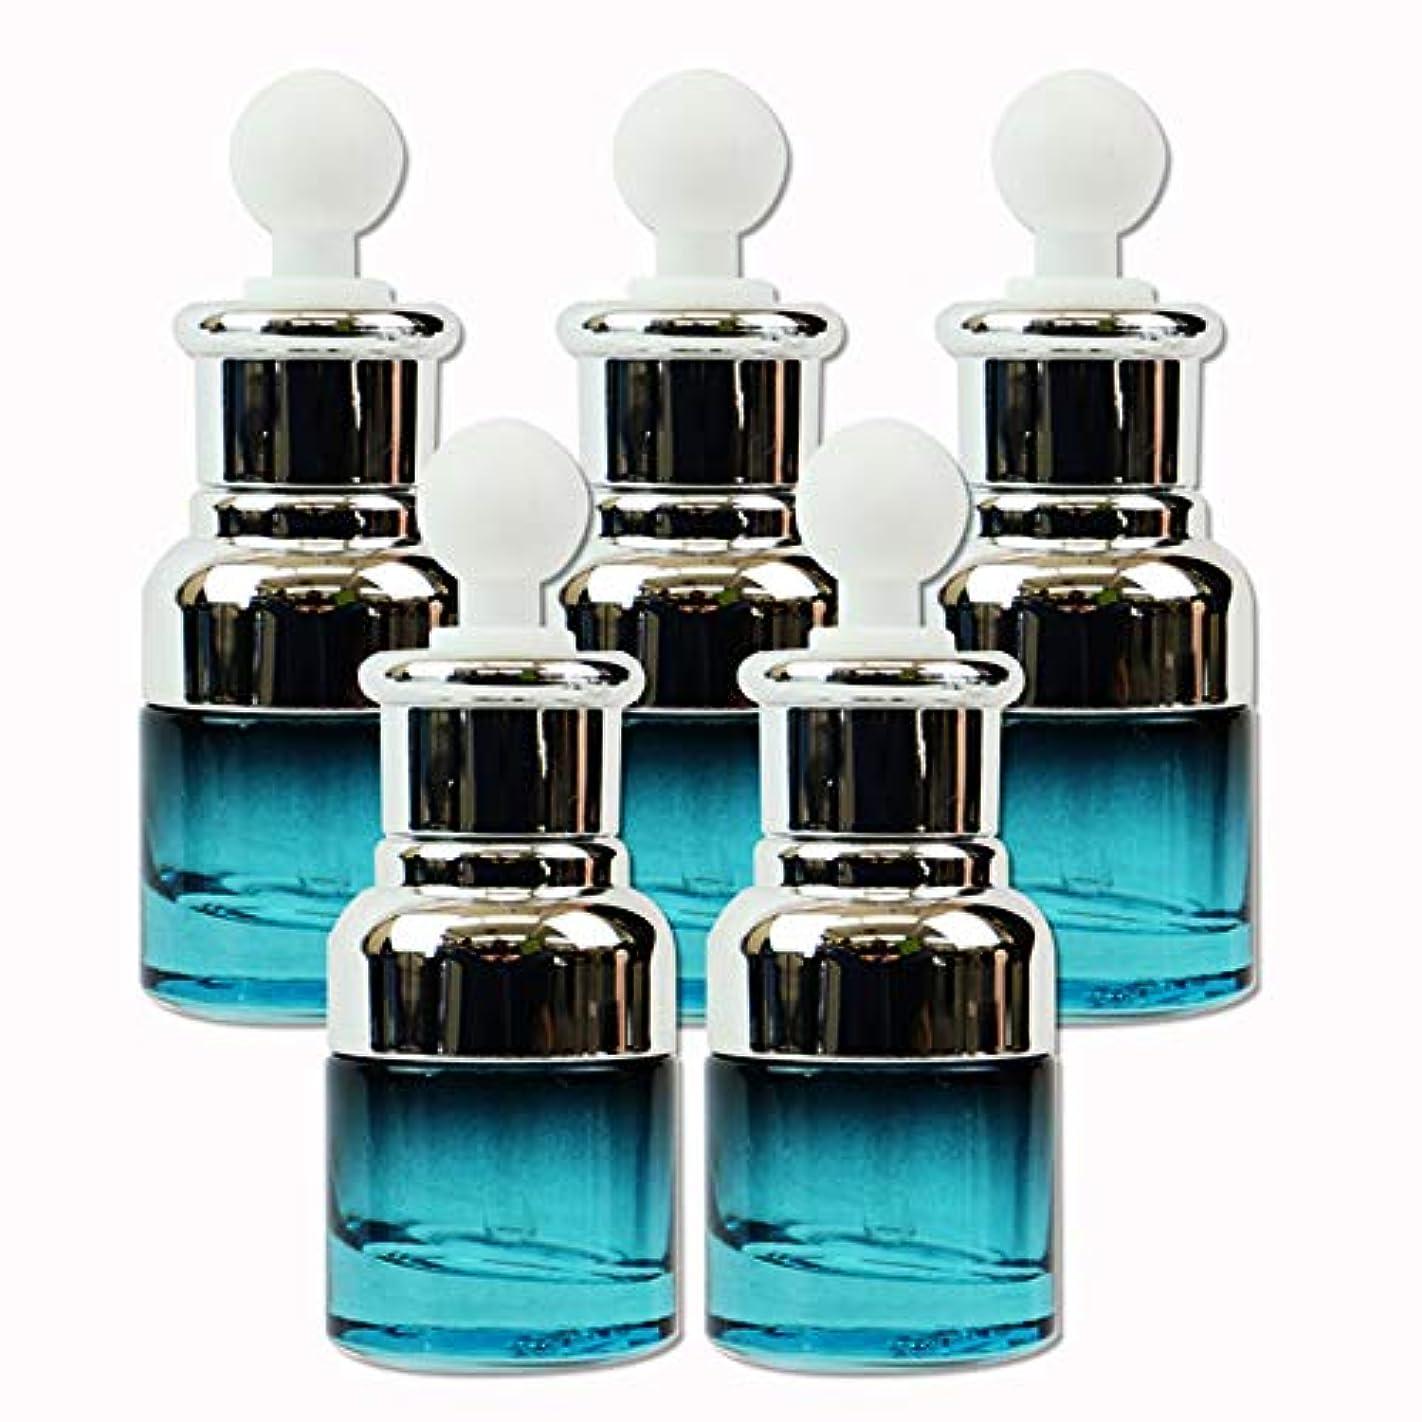 にぎやか懐疑的ようこそedog ガラス製 遮光ボトル 5本セット スポイト式 20ml 香水 エッセンシャルオイル アロマ